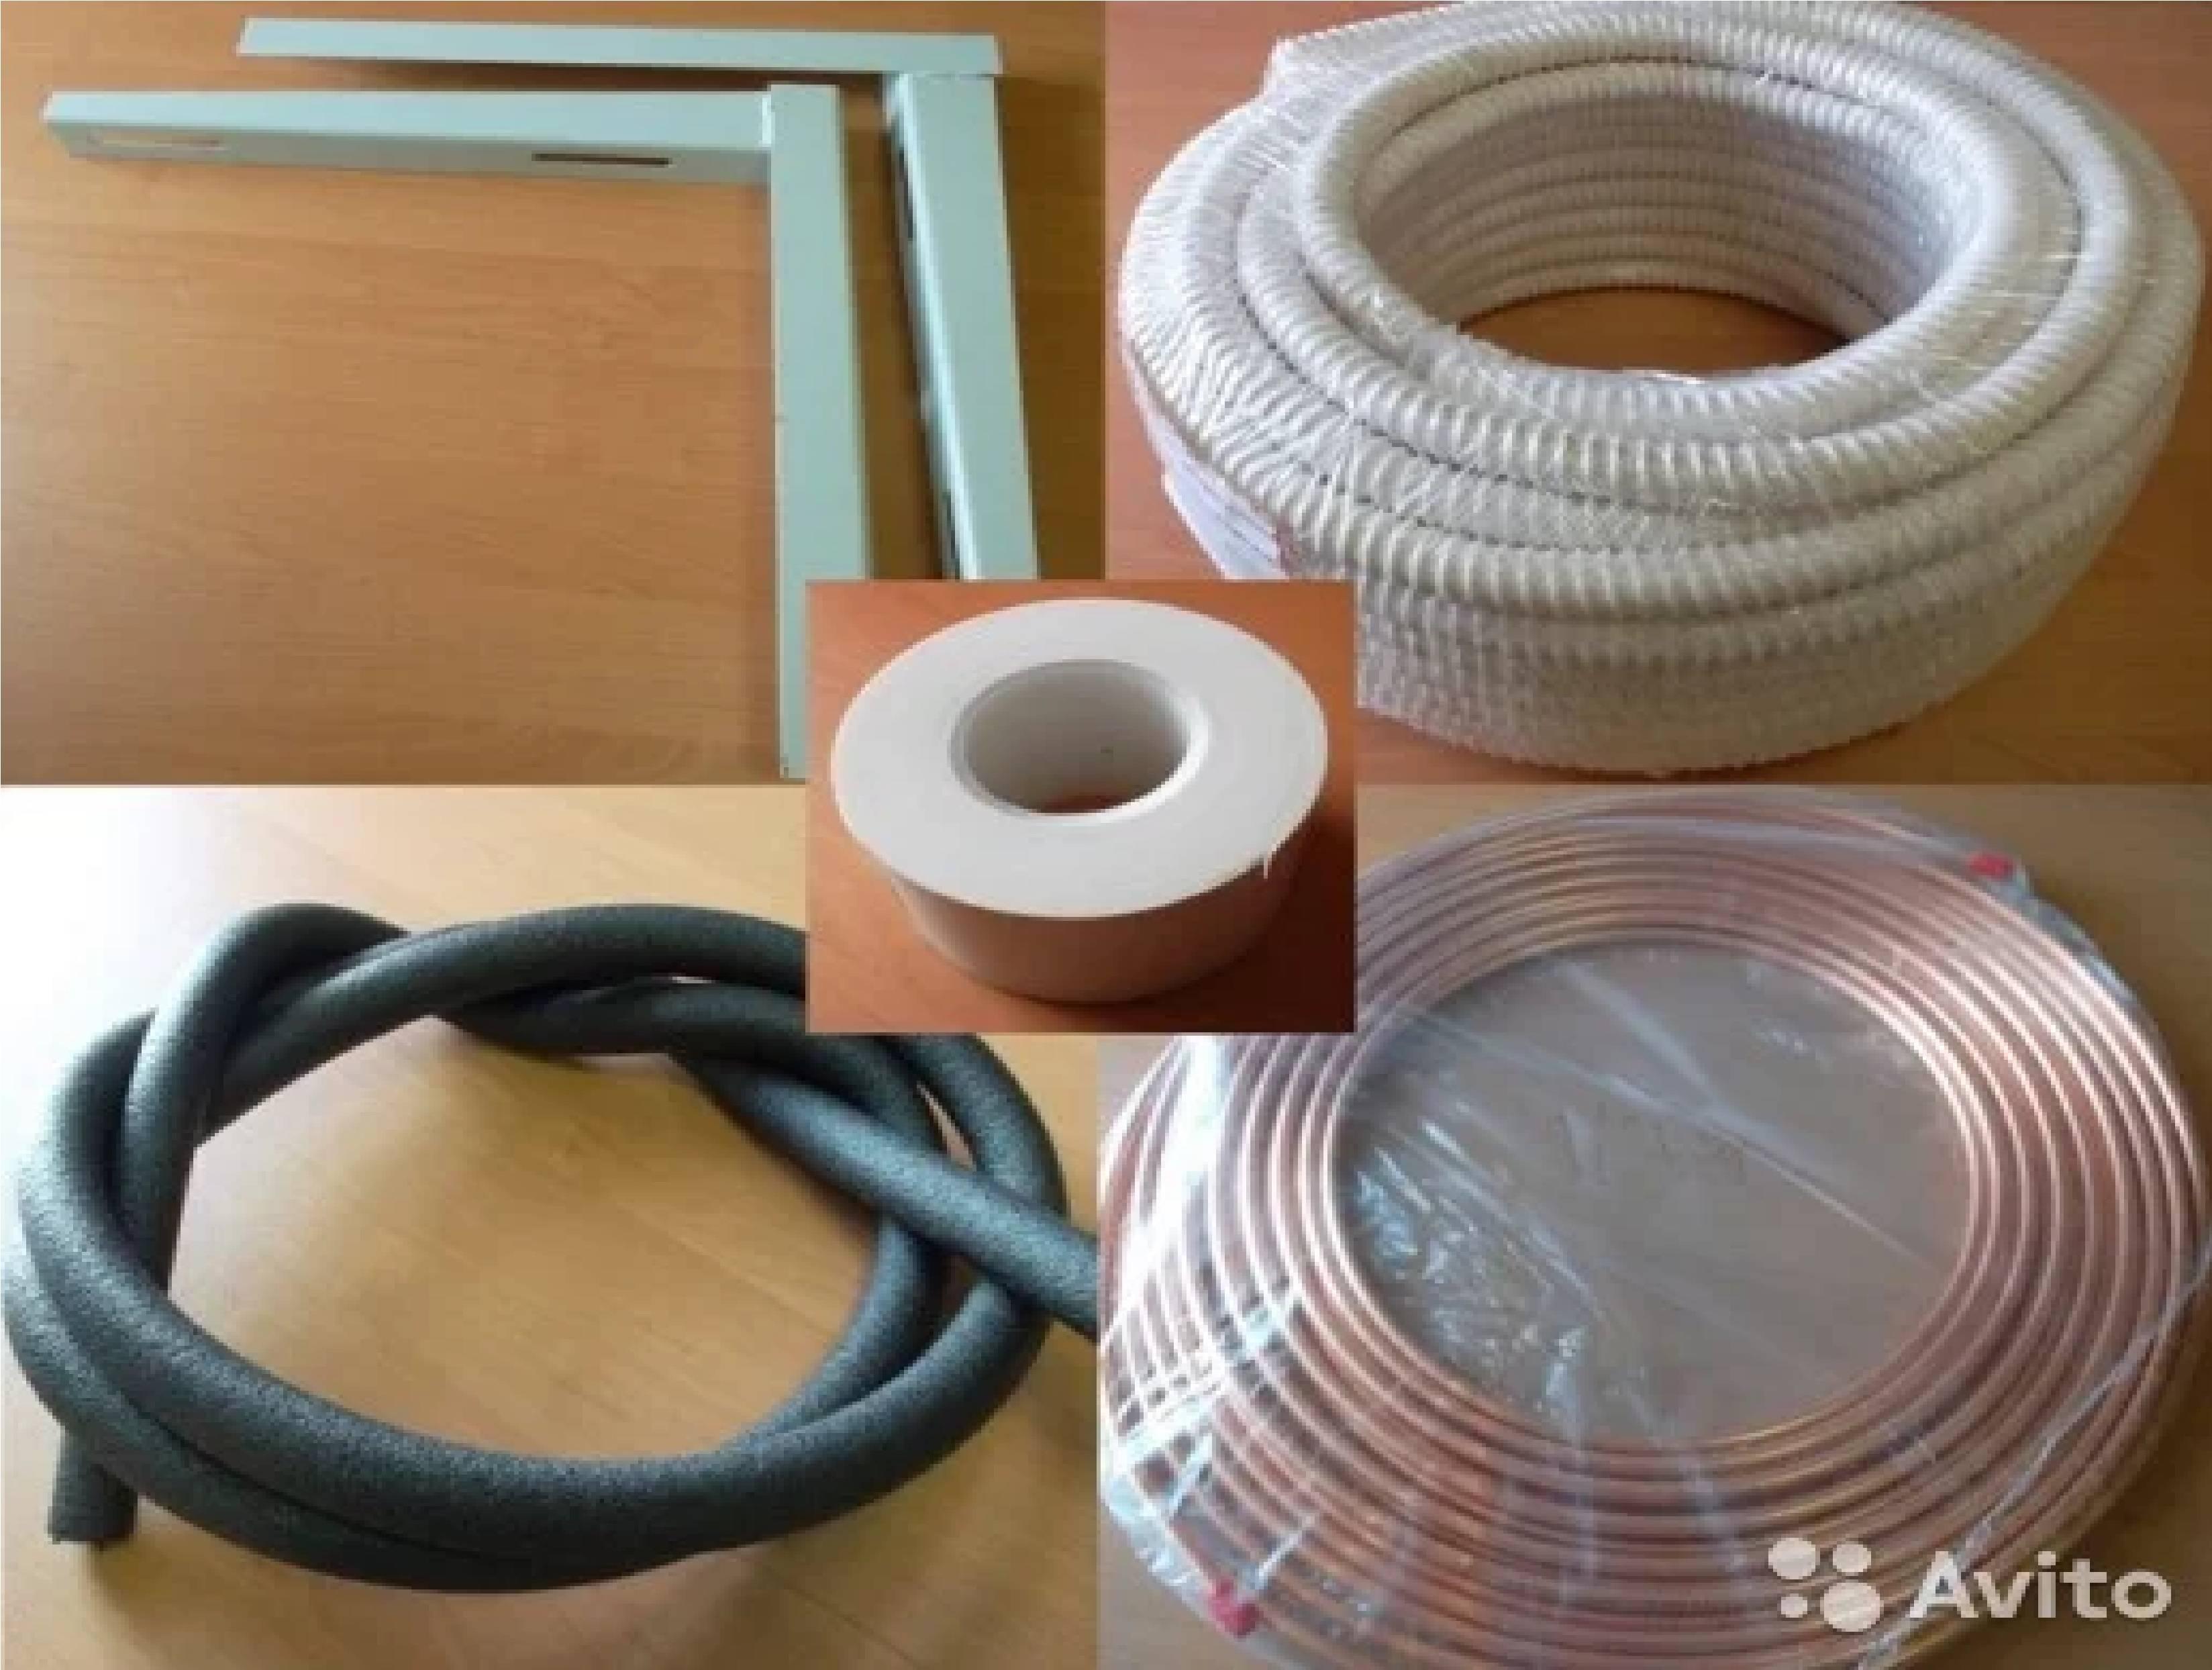 Замена трубок кондиционера: рекомендации, инструкция по укладке, подготовка материала и теплоизоляция